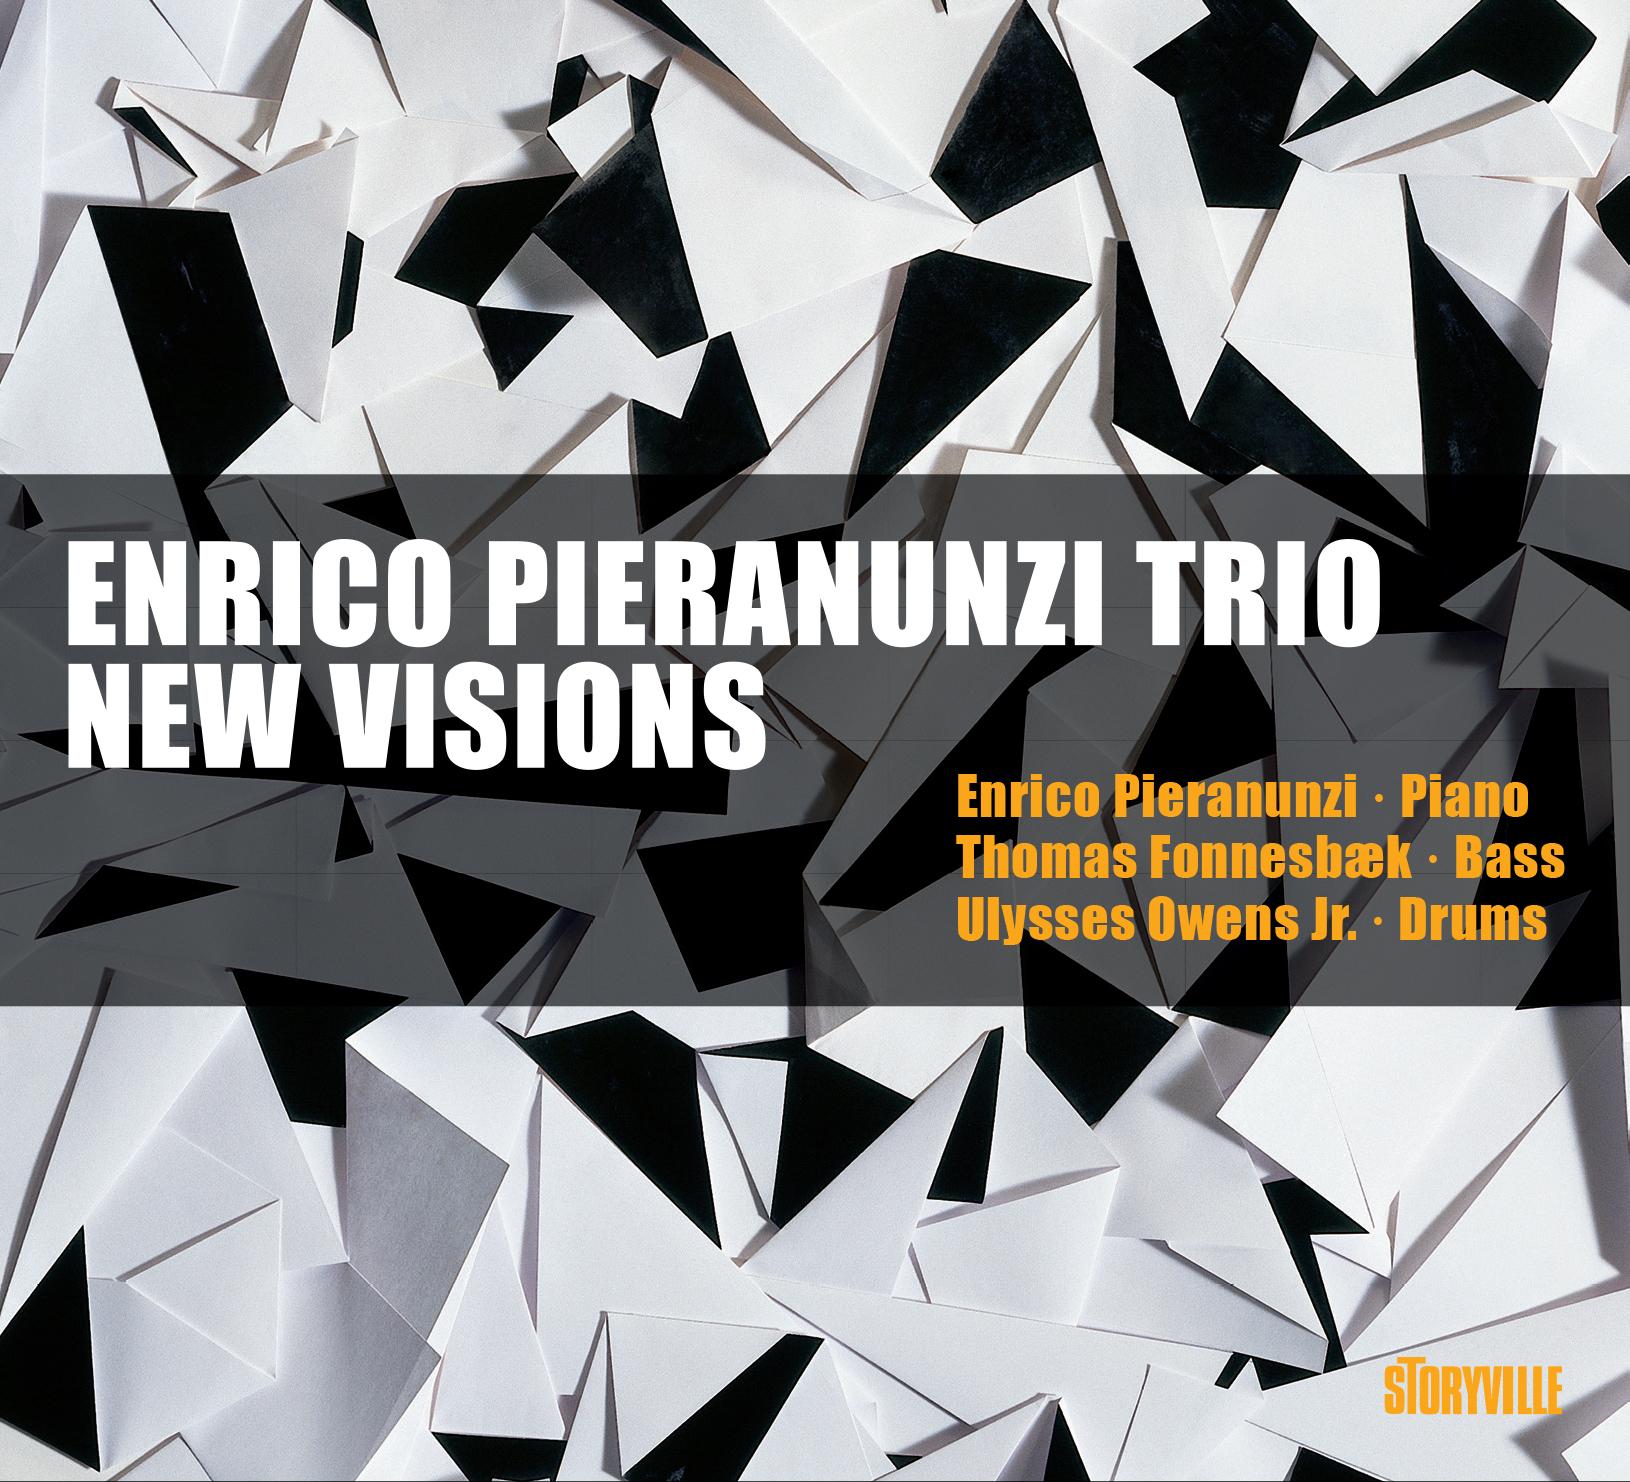 Enrico Pieranunzi Trio_NEW VISIONS.jpg